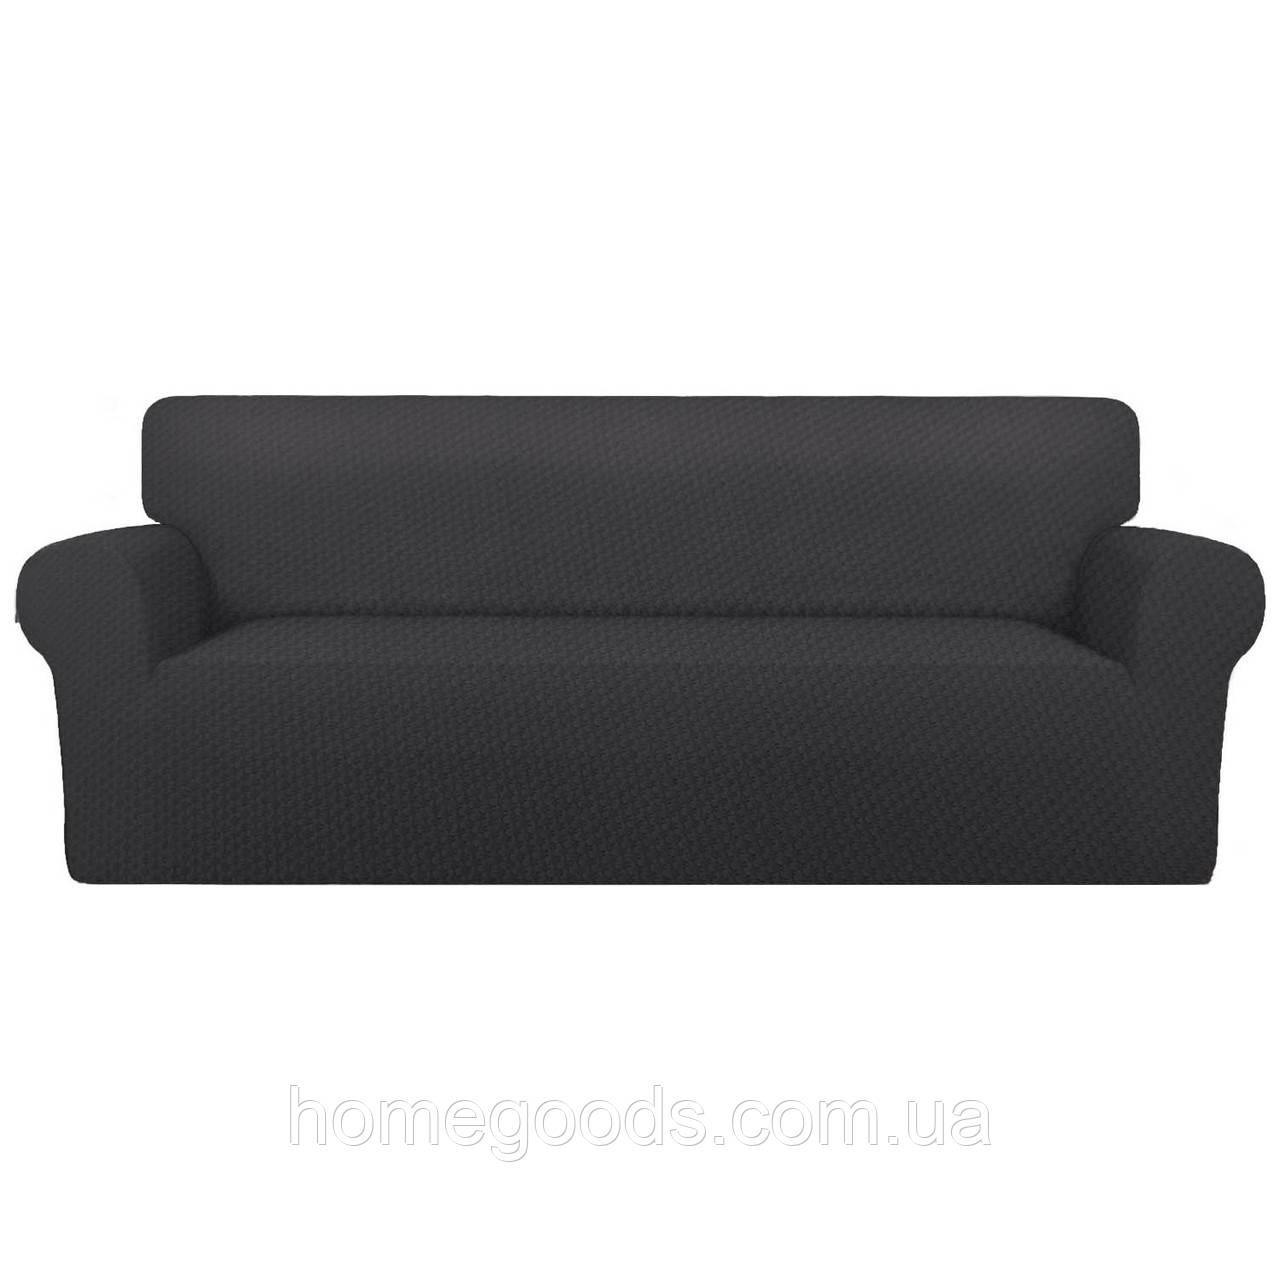 Чохол на двох або тримісний диван Графітовий